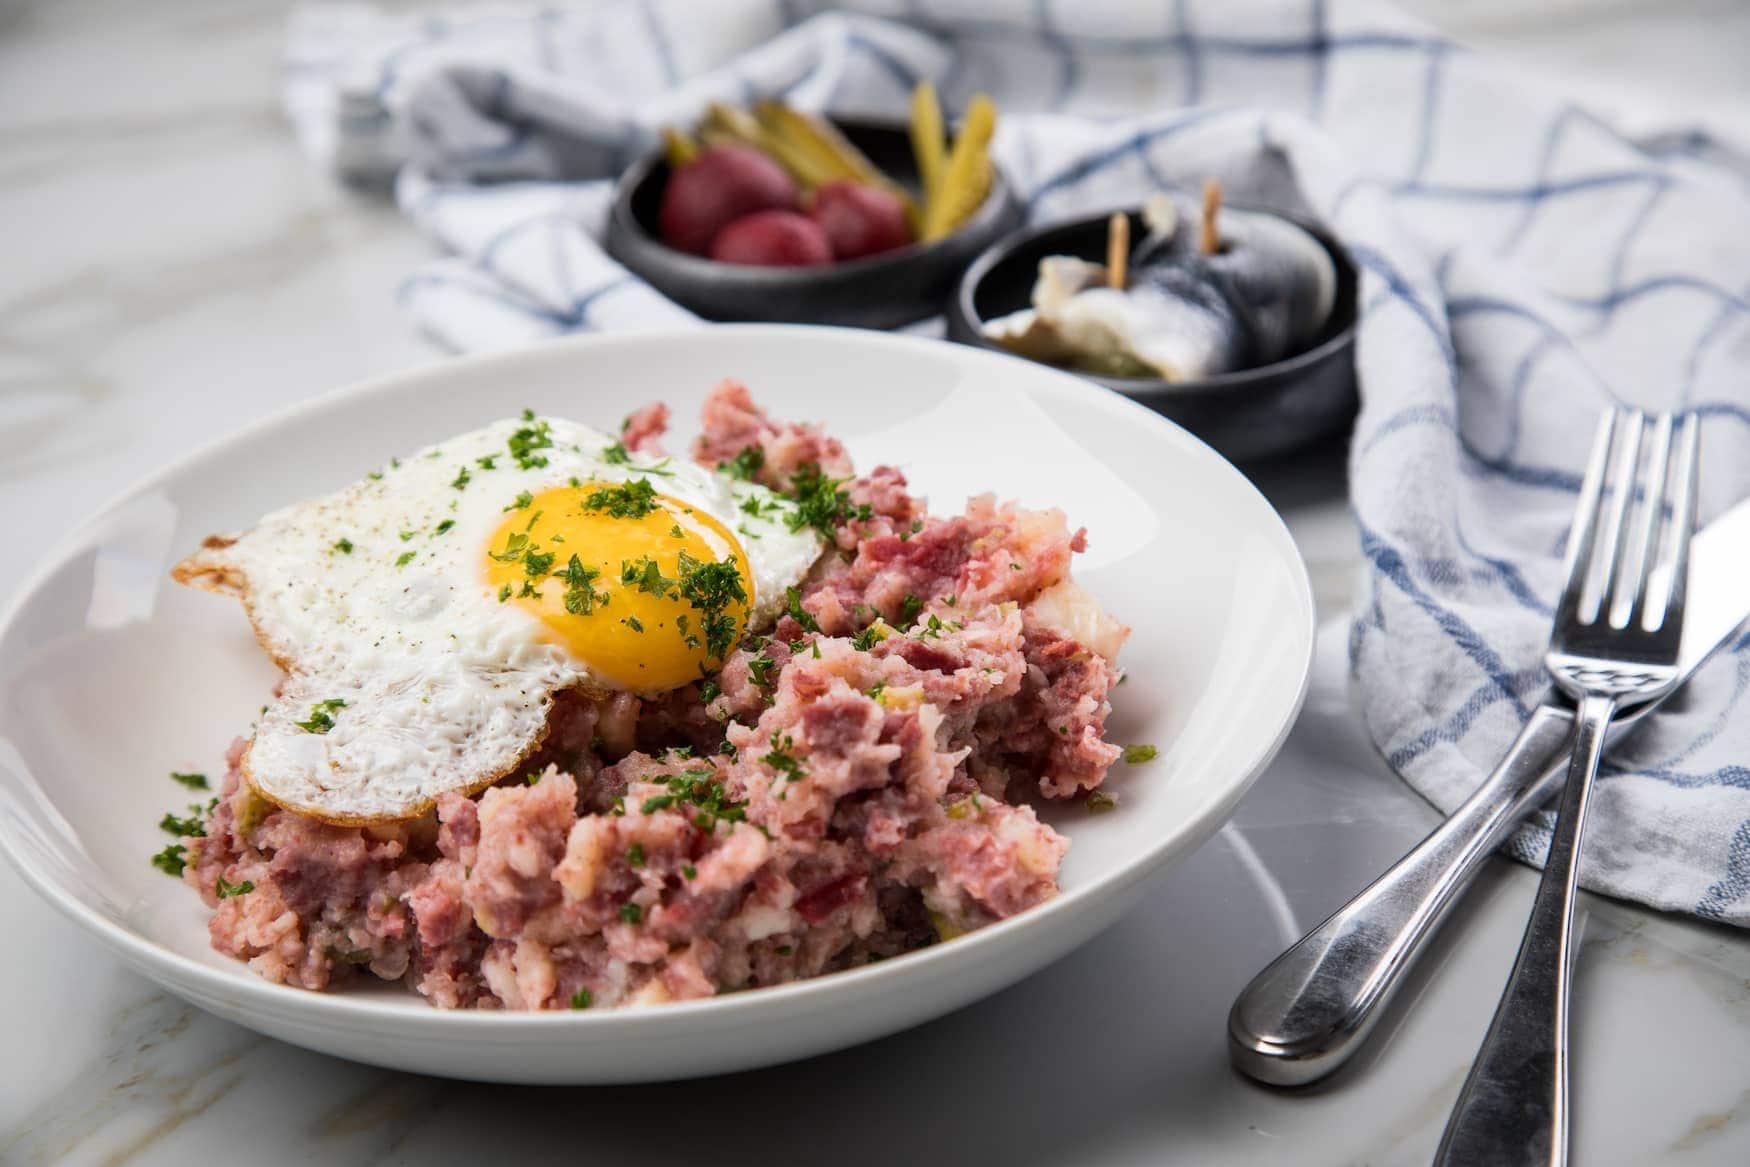 Labskaus - Typische Speise in Schleswig-Holstein